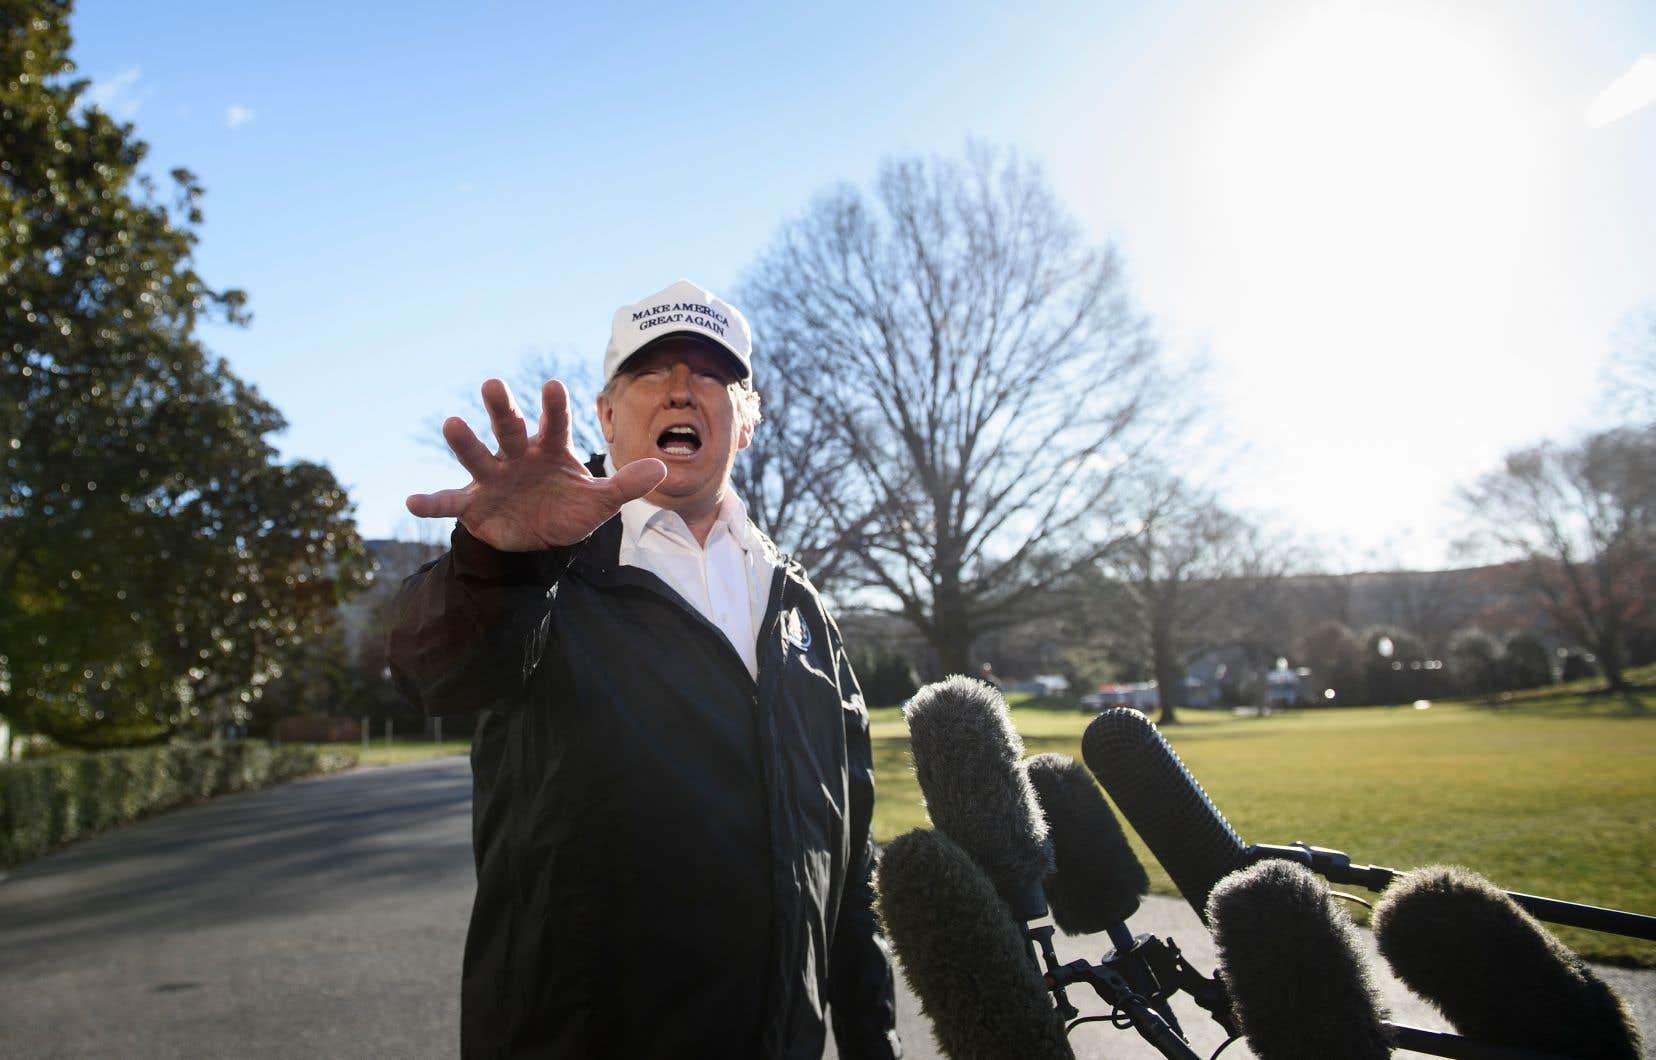 «Si vous n'avez pas une barrière un acier ou un mur, fort, puissant, alors il y a aura du trafic d'êtres humains et la drogue se déversera dans notre pays», a plaidé Donad Trump juste avant de quitter la Maison-Blanche.